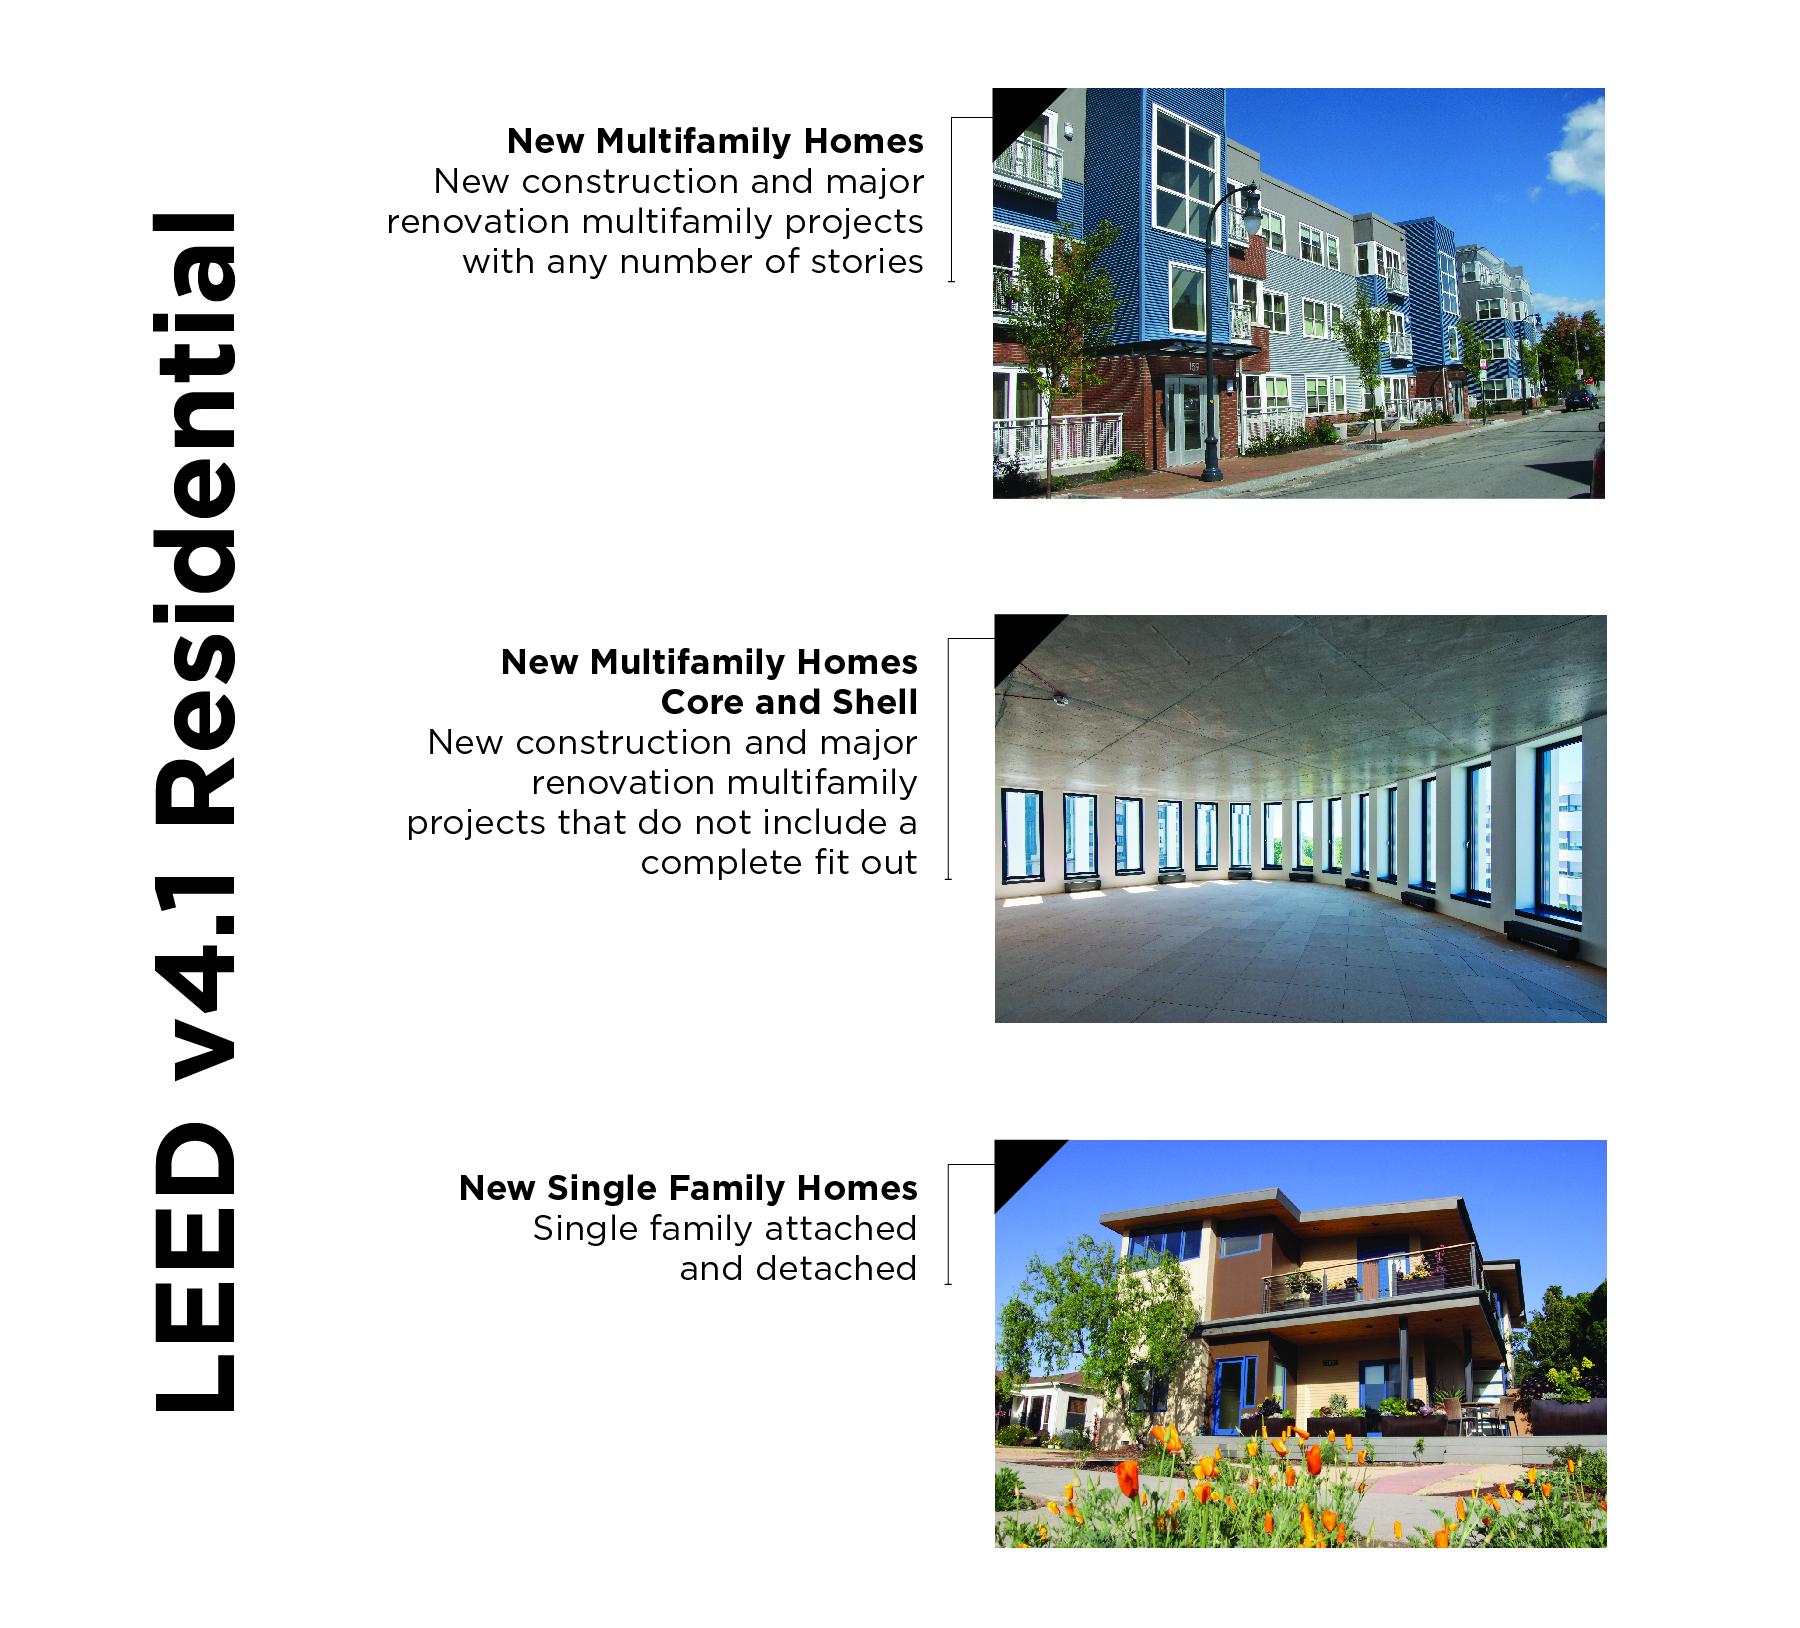 LEED v4.1 Residential